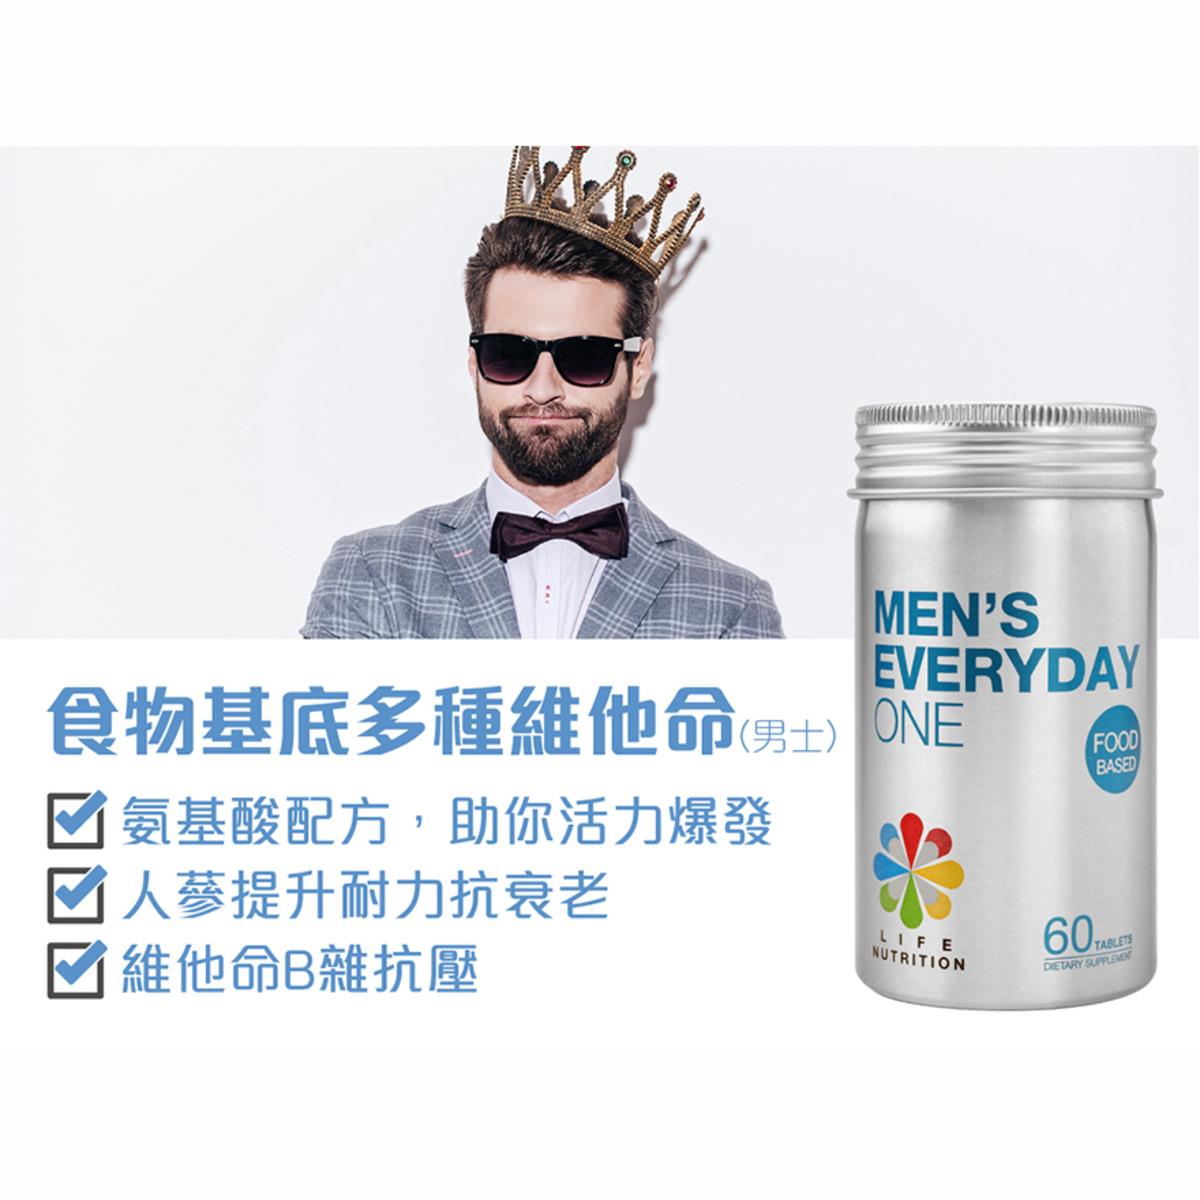 Men's Everyday ONE (60pcs)